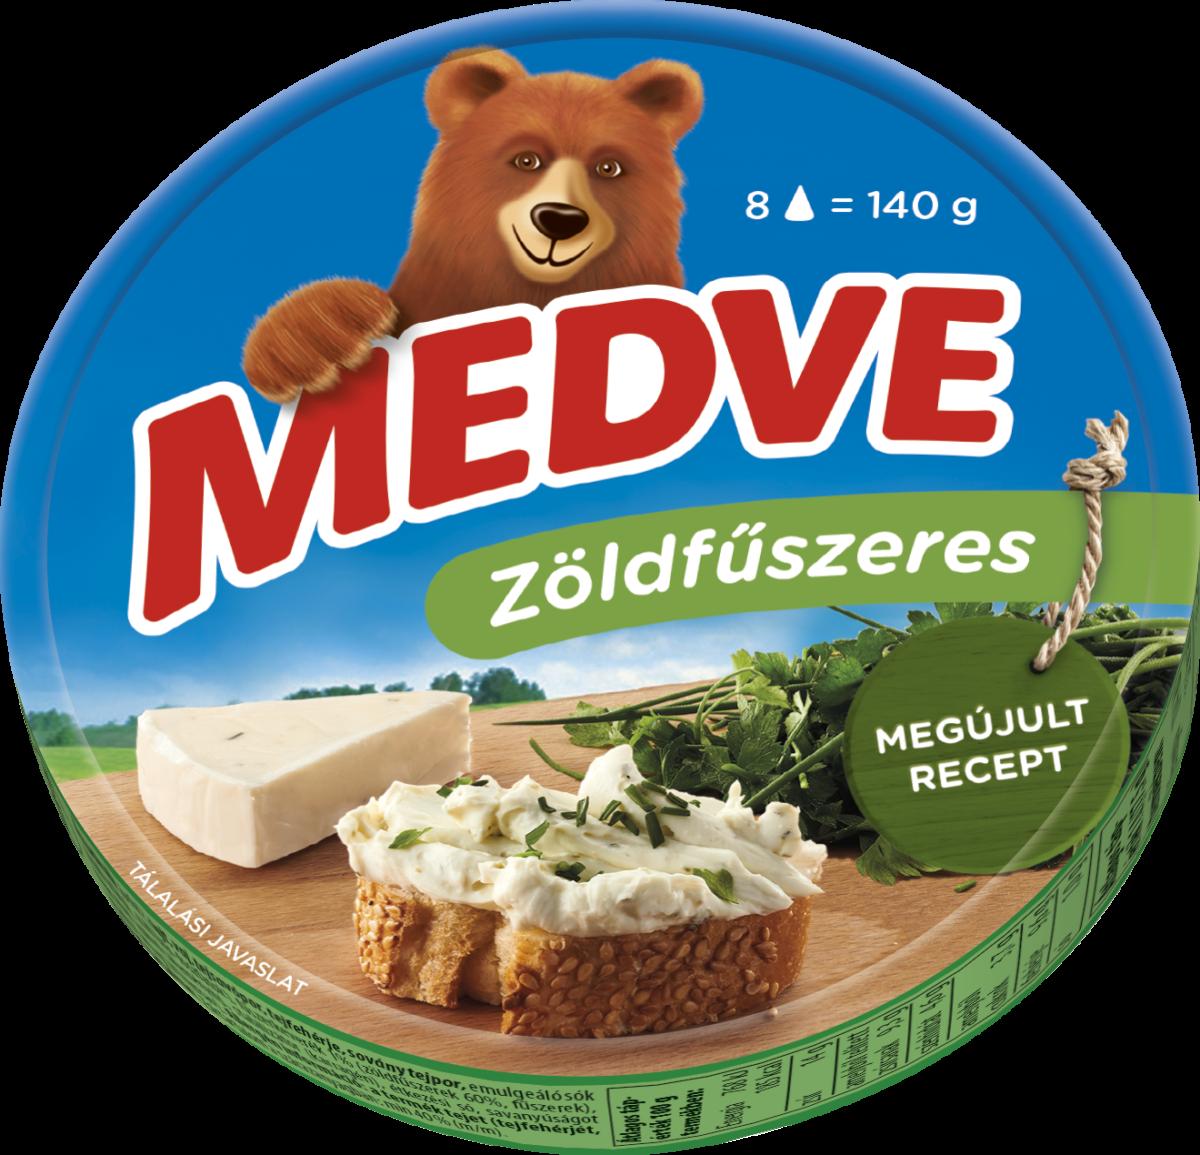 Medve zöldfűszeres kördobozos kockasajt 140g